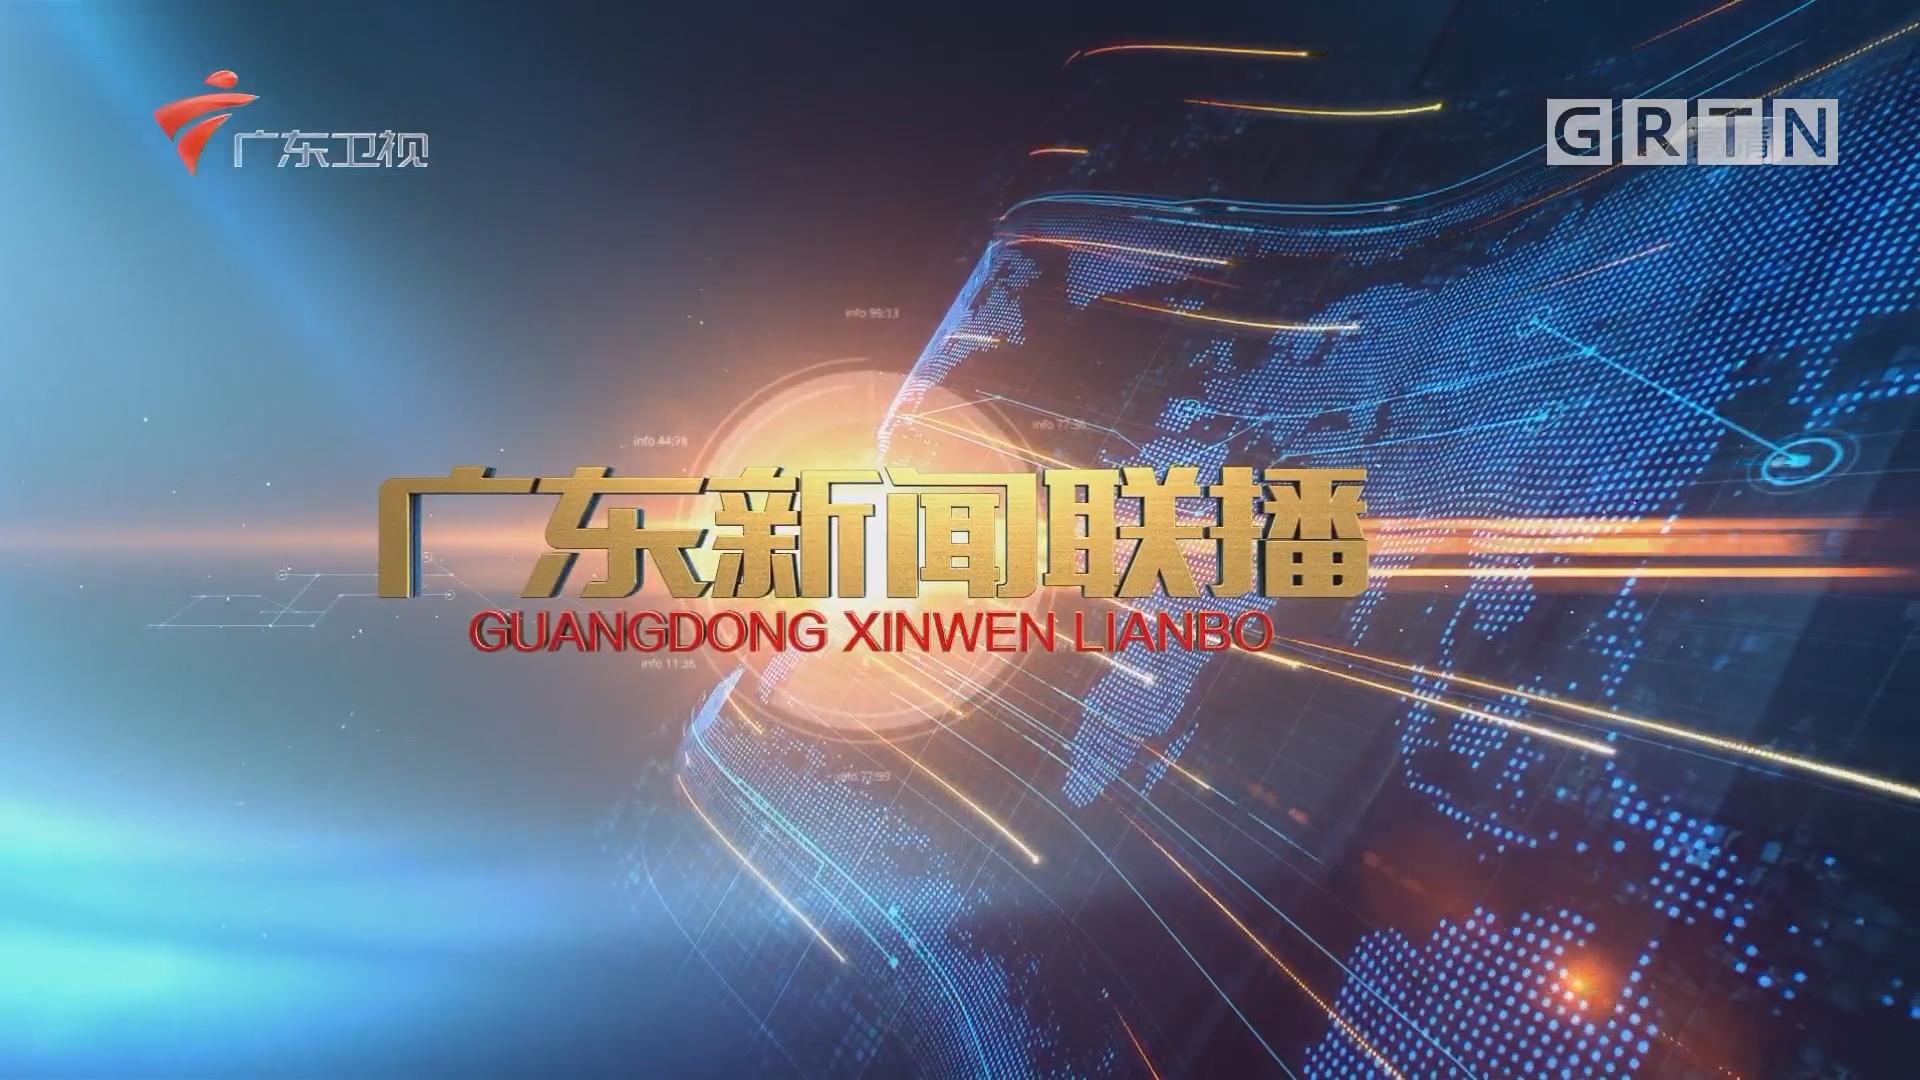 [HD][2018-09-08]广东新闻联播:留住乡愁 更有奔头